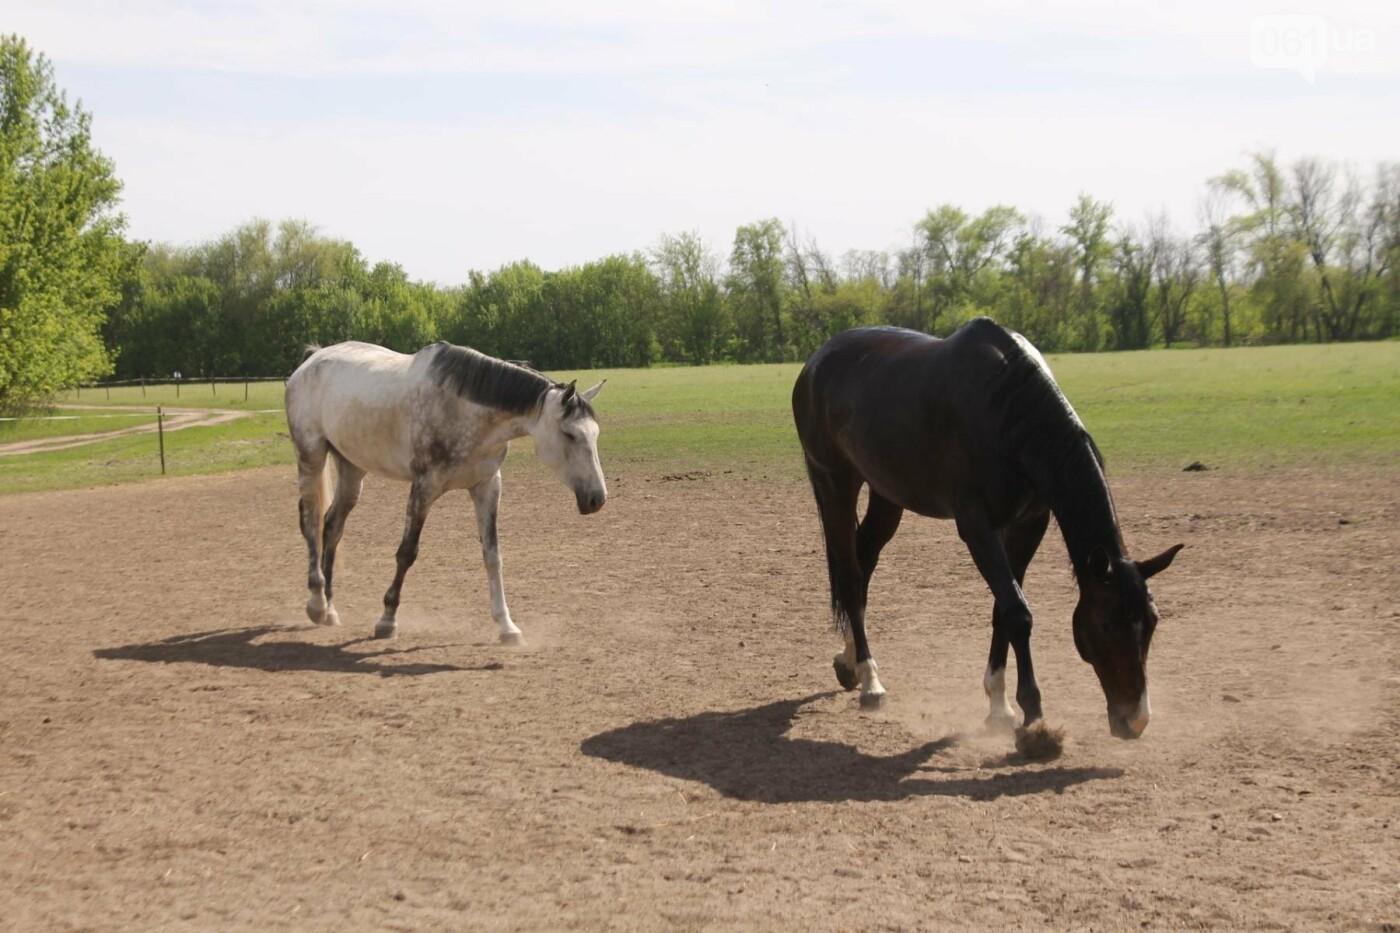 Незабываемое общение с лошадьми: экскурсия в конноспортивный клуб «Патриот», – ФОТОРЕПОРТАЖ, фото-12